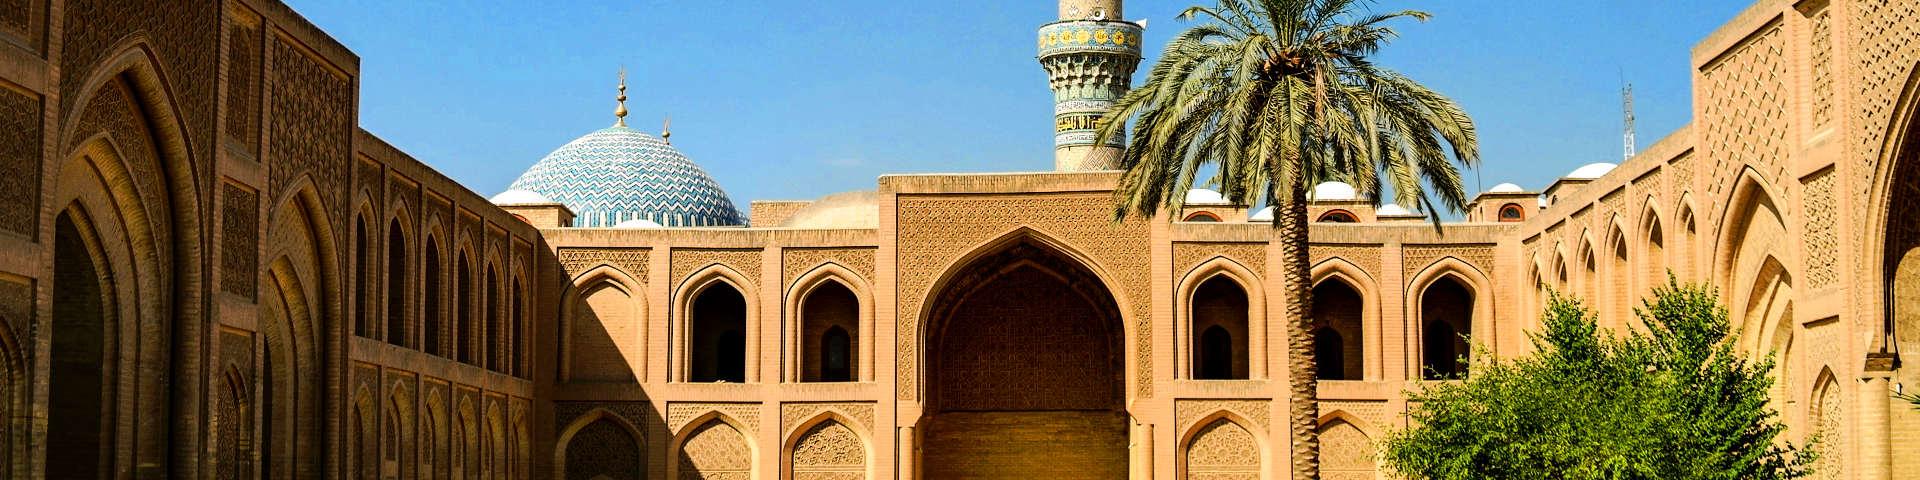 Mustansiriya university baghdad